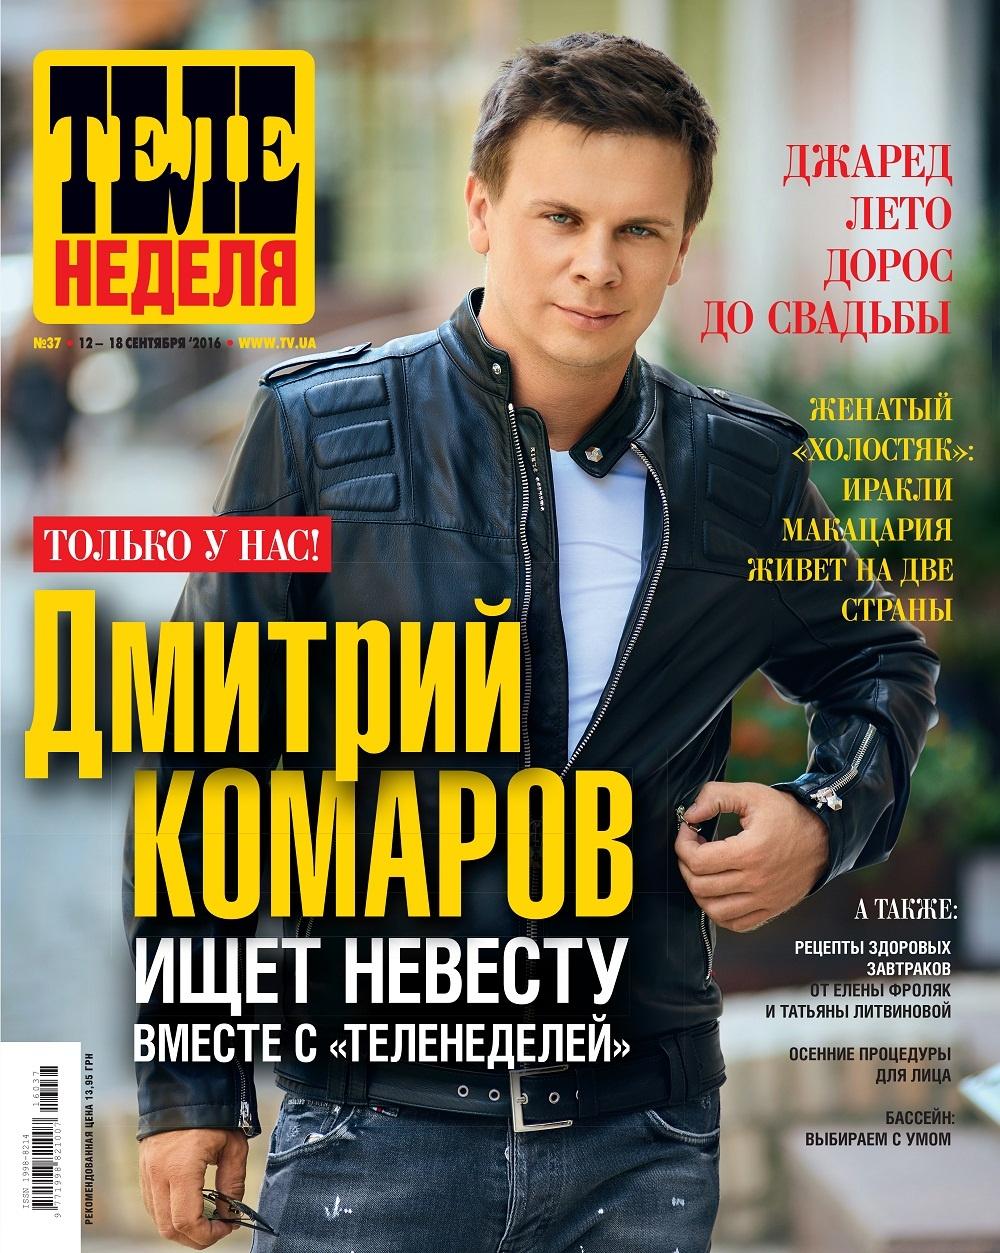 dmitriy-komarov-ishchet-nevestu-vmeste-s-telenedeley-1